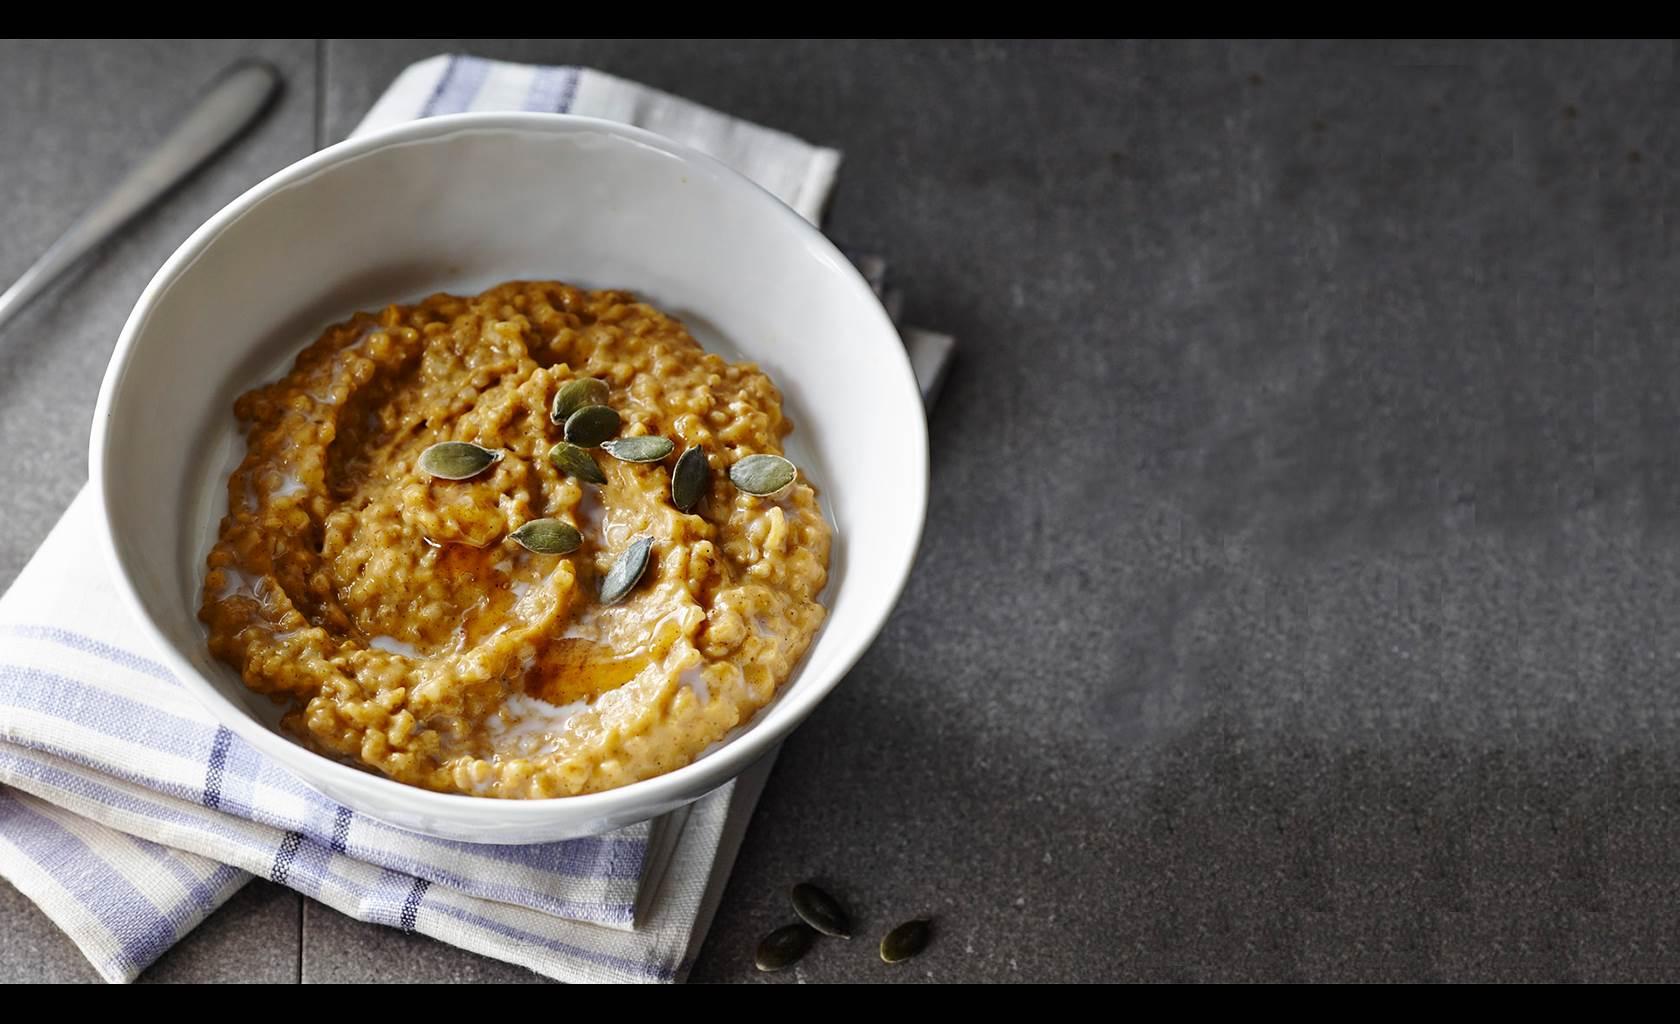 Bowl of pumpkin oatmeal with pumpkin seeds